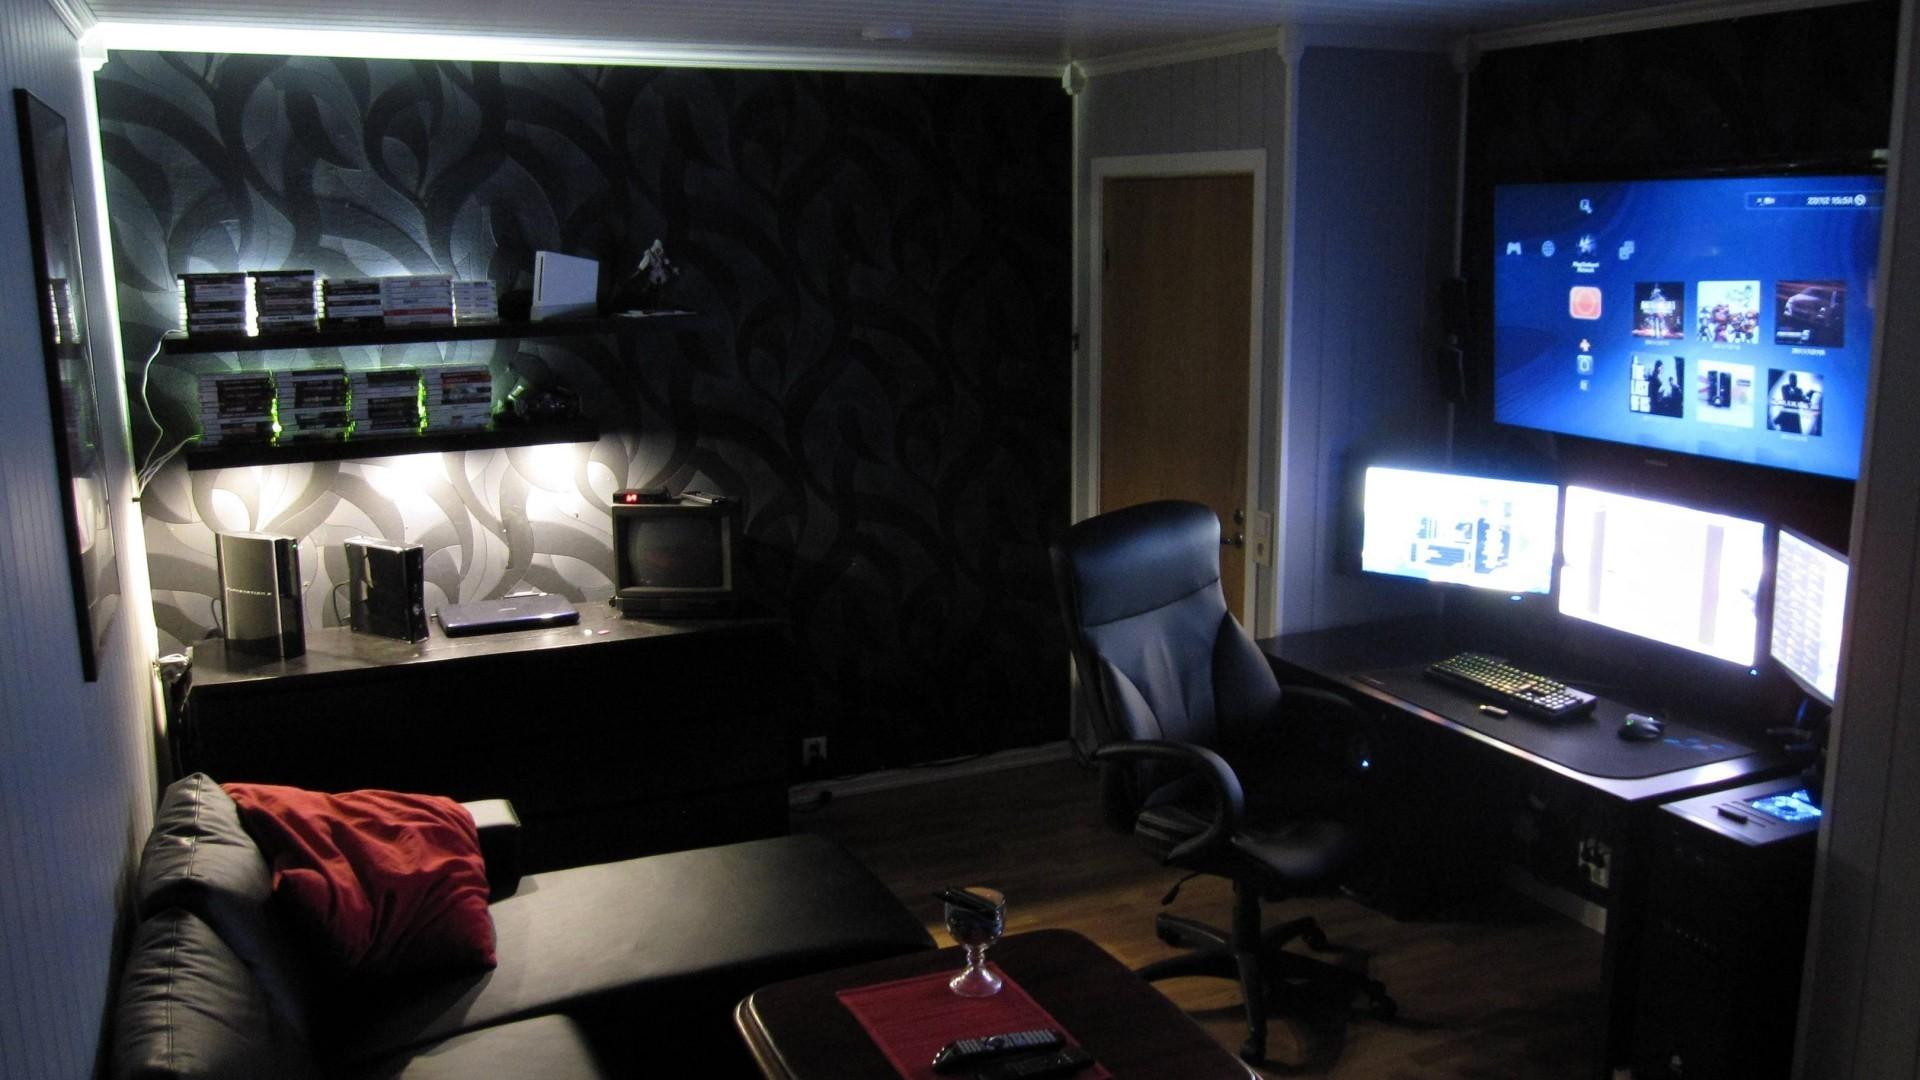 Fondos De Pantalla Habitaci N Interior Veh Culo Sof  # Muebles Para El Xbox